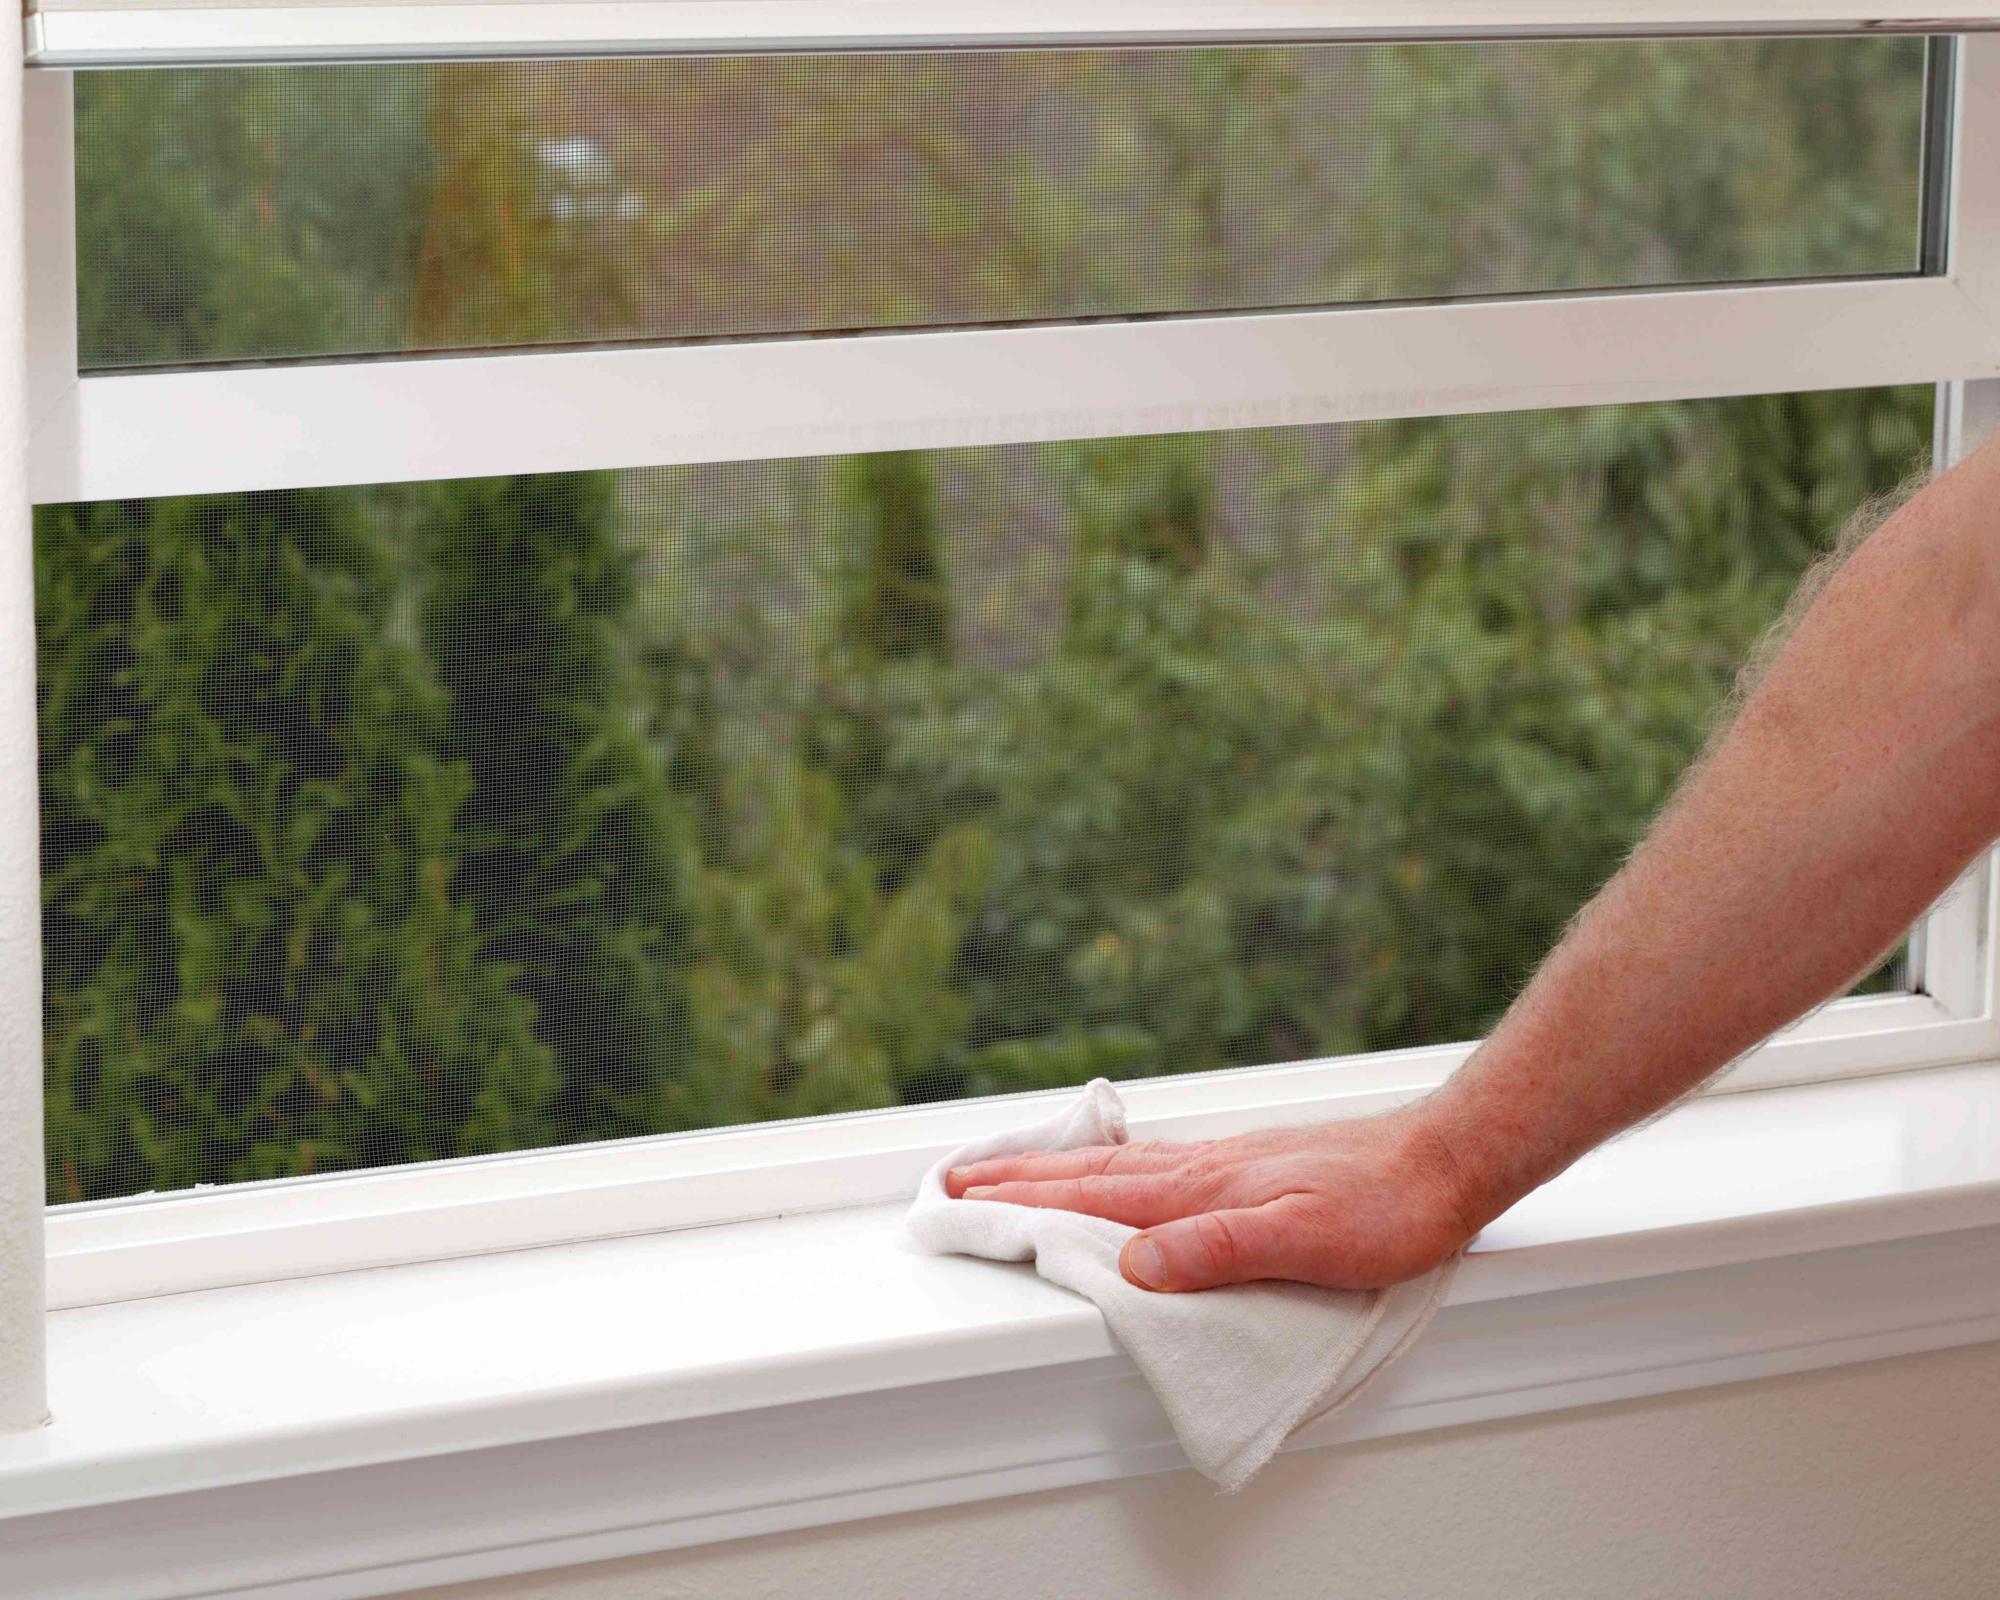 Πόσο συχνά καθαρίζουμε τις σίτες στα παράθυρα;